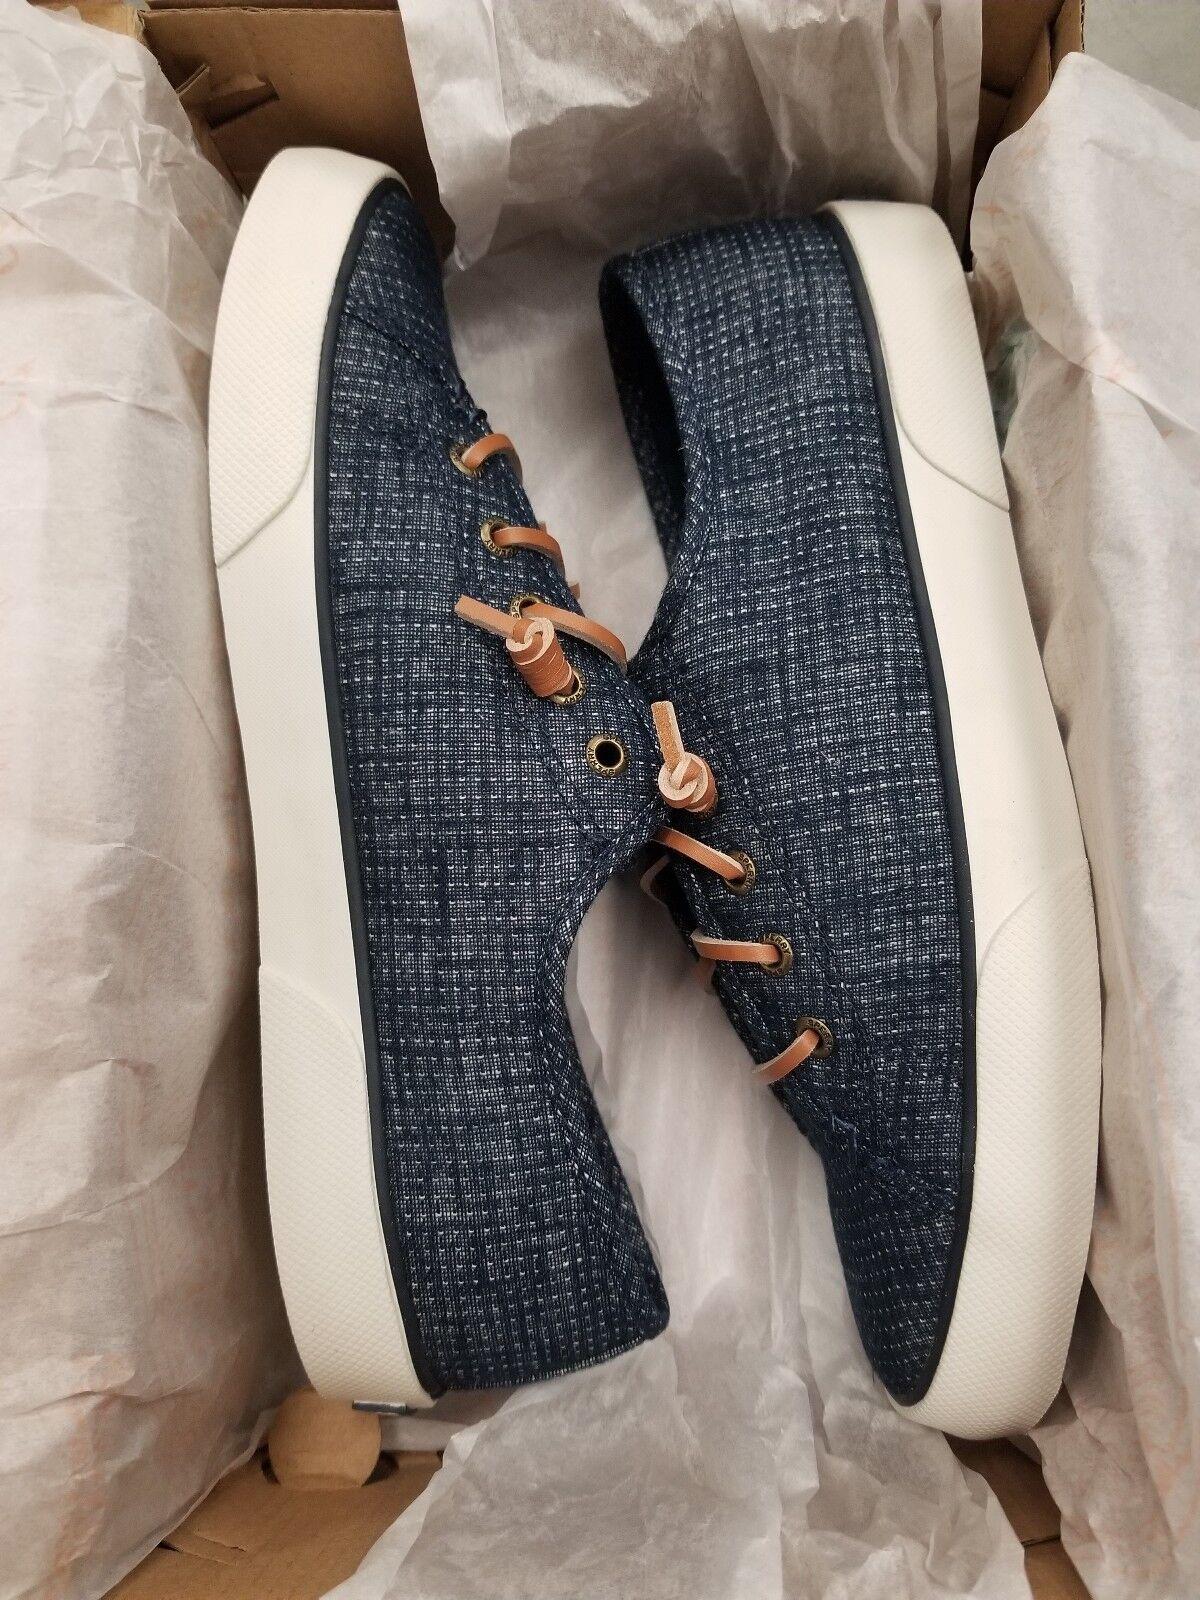 Sperry Top-Sider Pier Pier Pier ver tamaño  8.5M Color  Dos Tonos Zapatos Náuticos Azul Marino set1 de retorno  marca en liquidación de venta